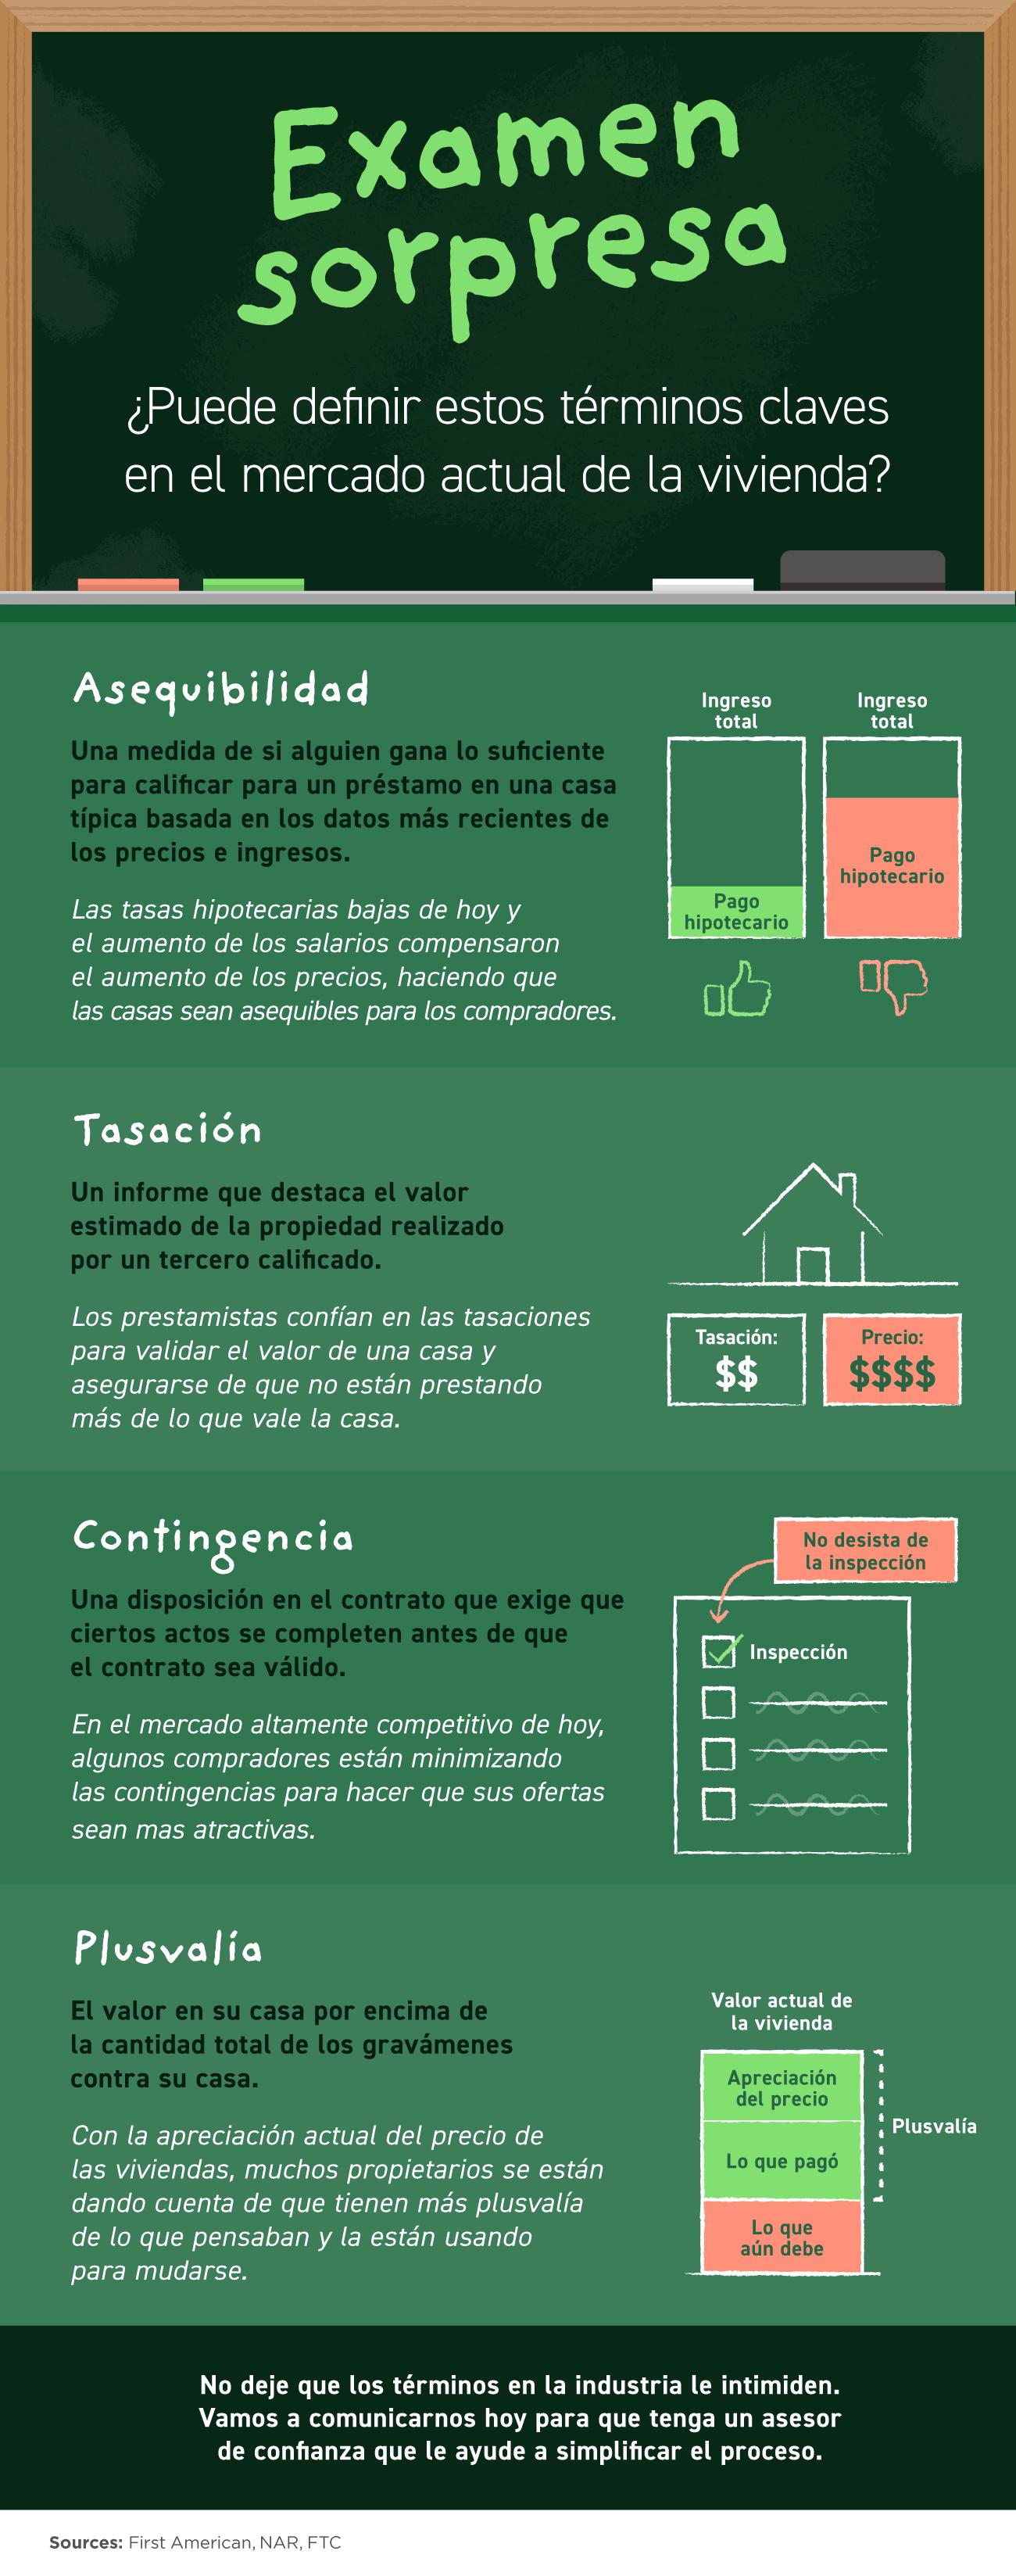 Examen sorpresa: ¿Puede definir estos términos claves en el mercado actual de la vivienda? [infografía] | Simplifying The Market